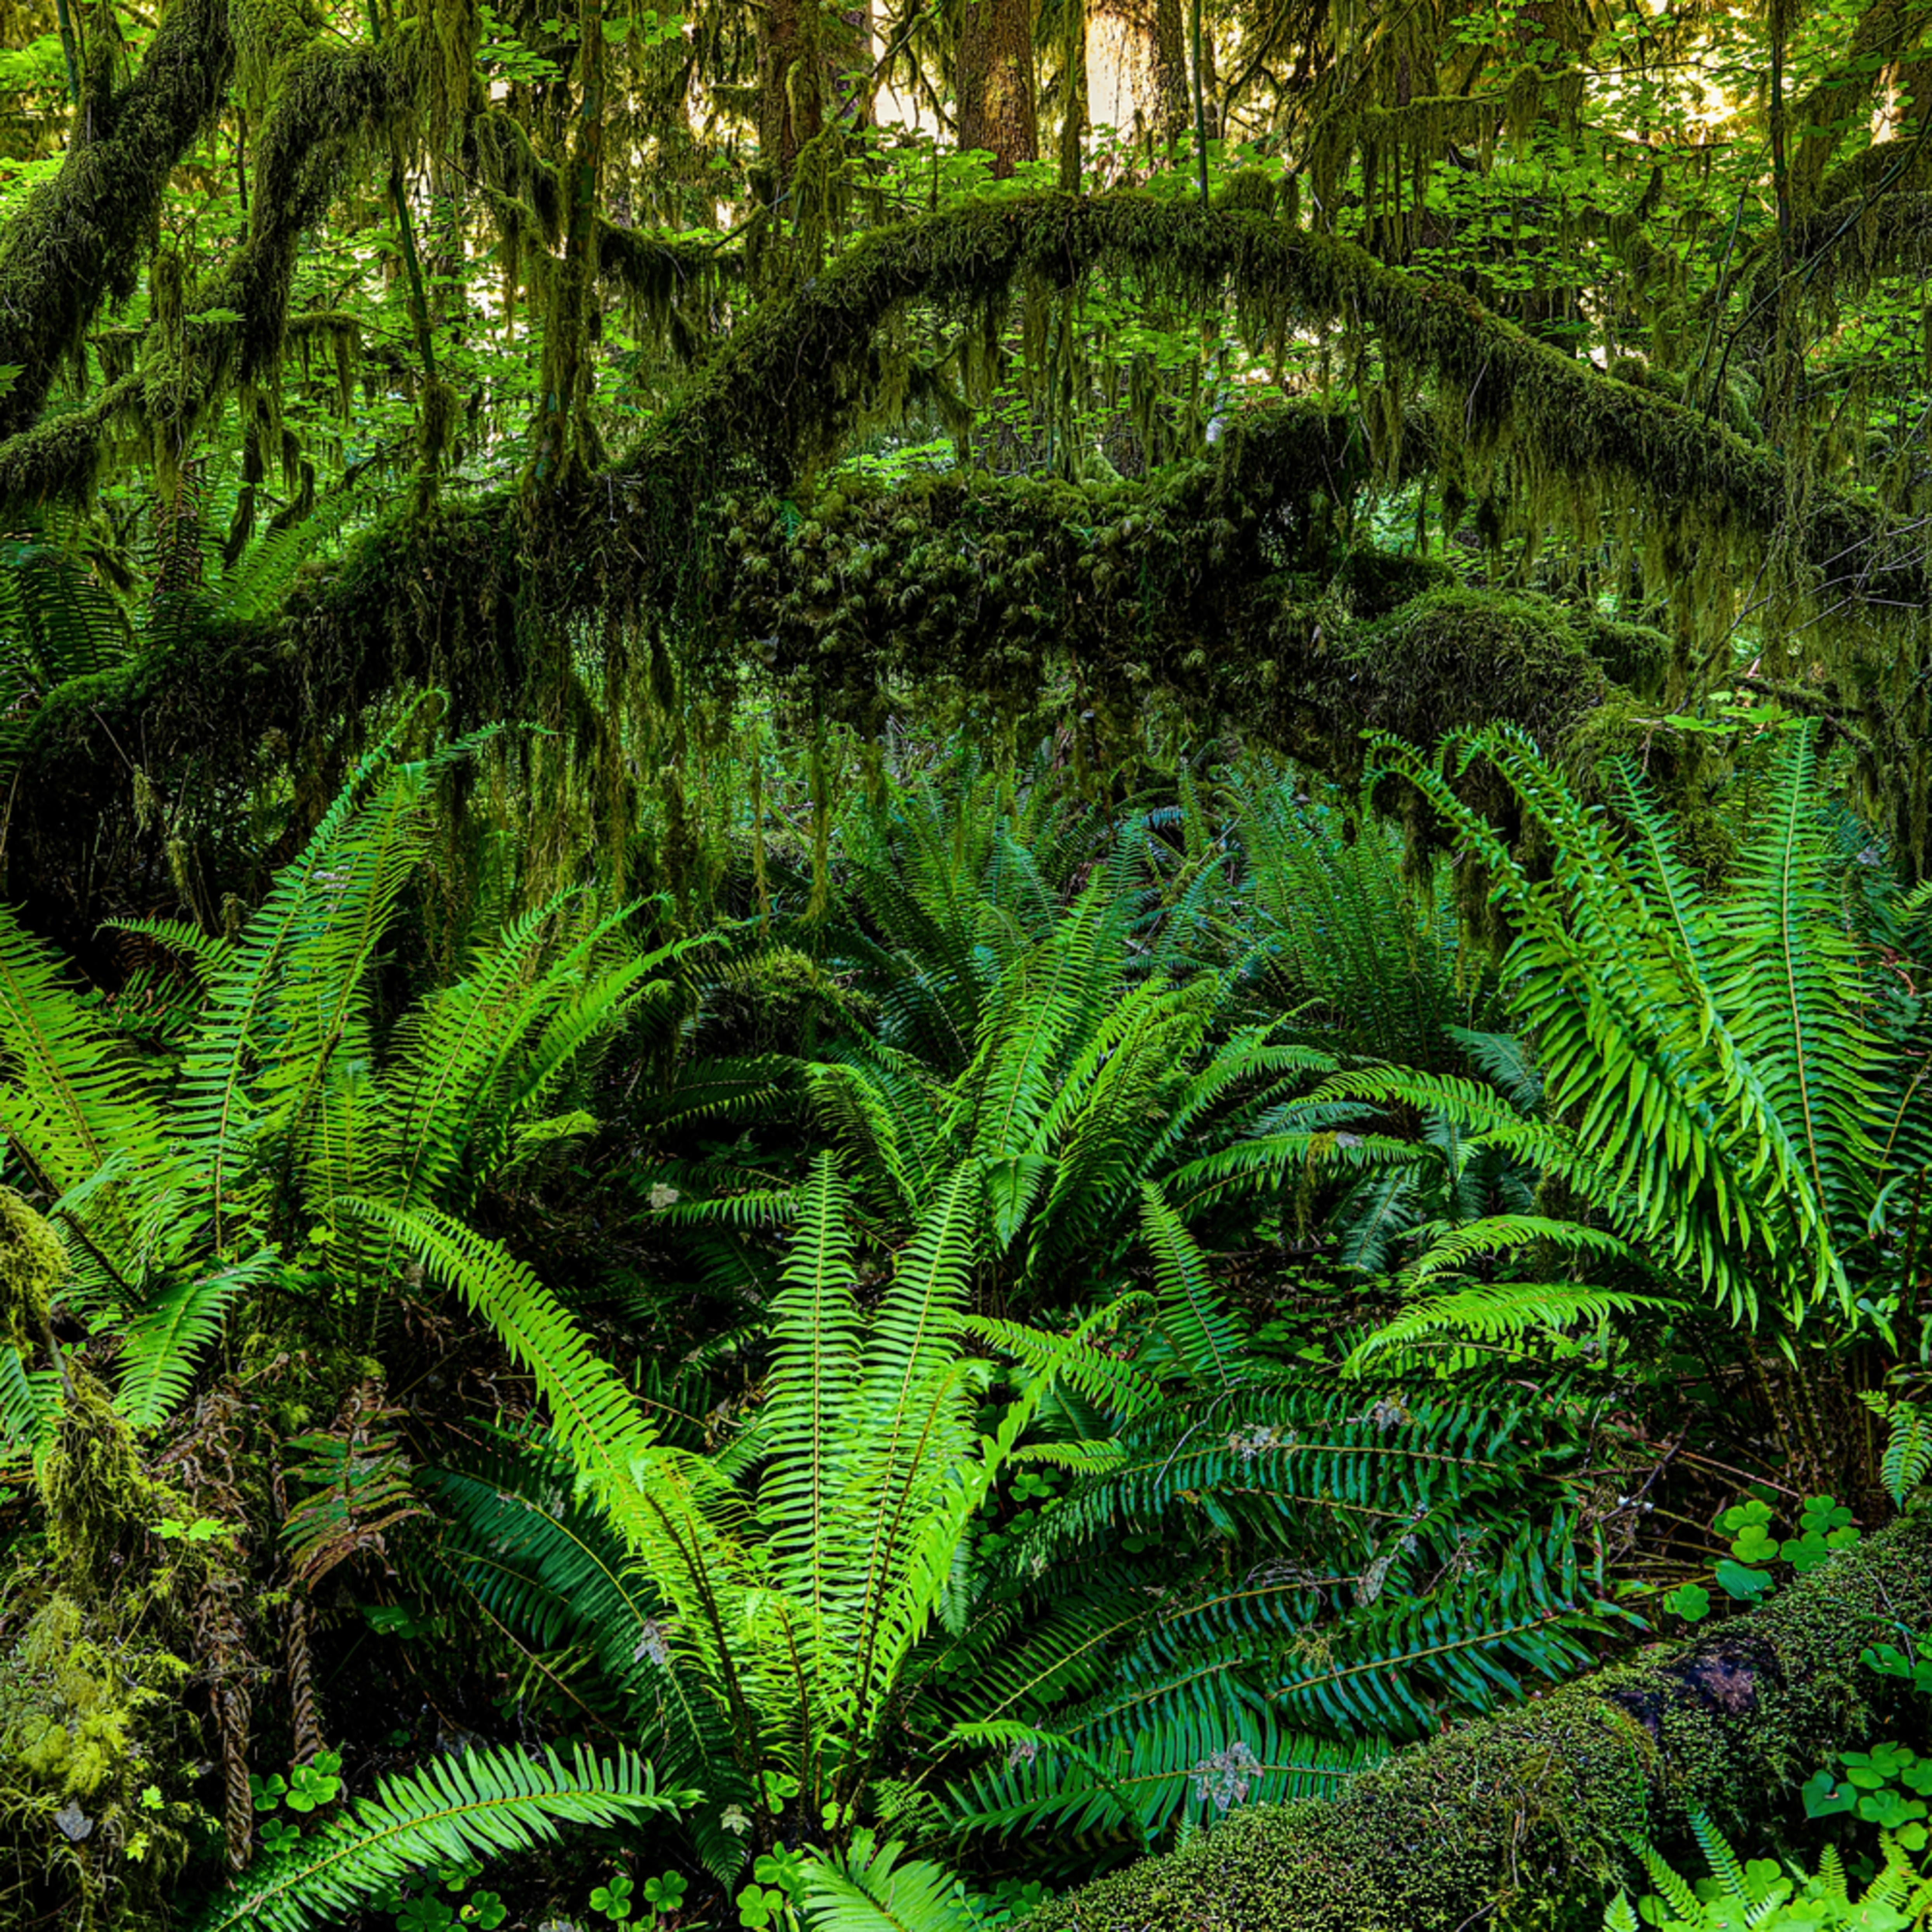 Pnw hoh rainforest 3 j7nvb9